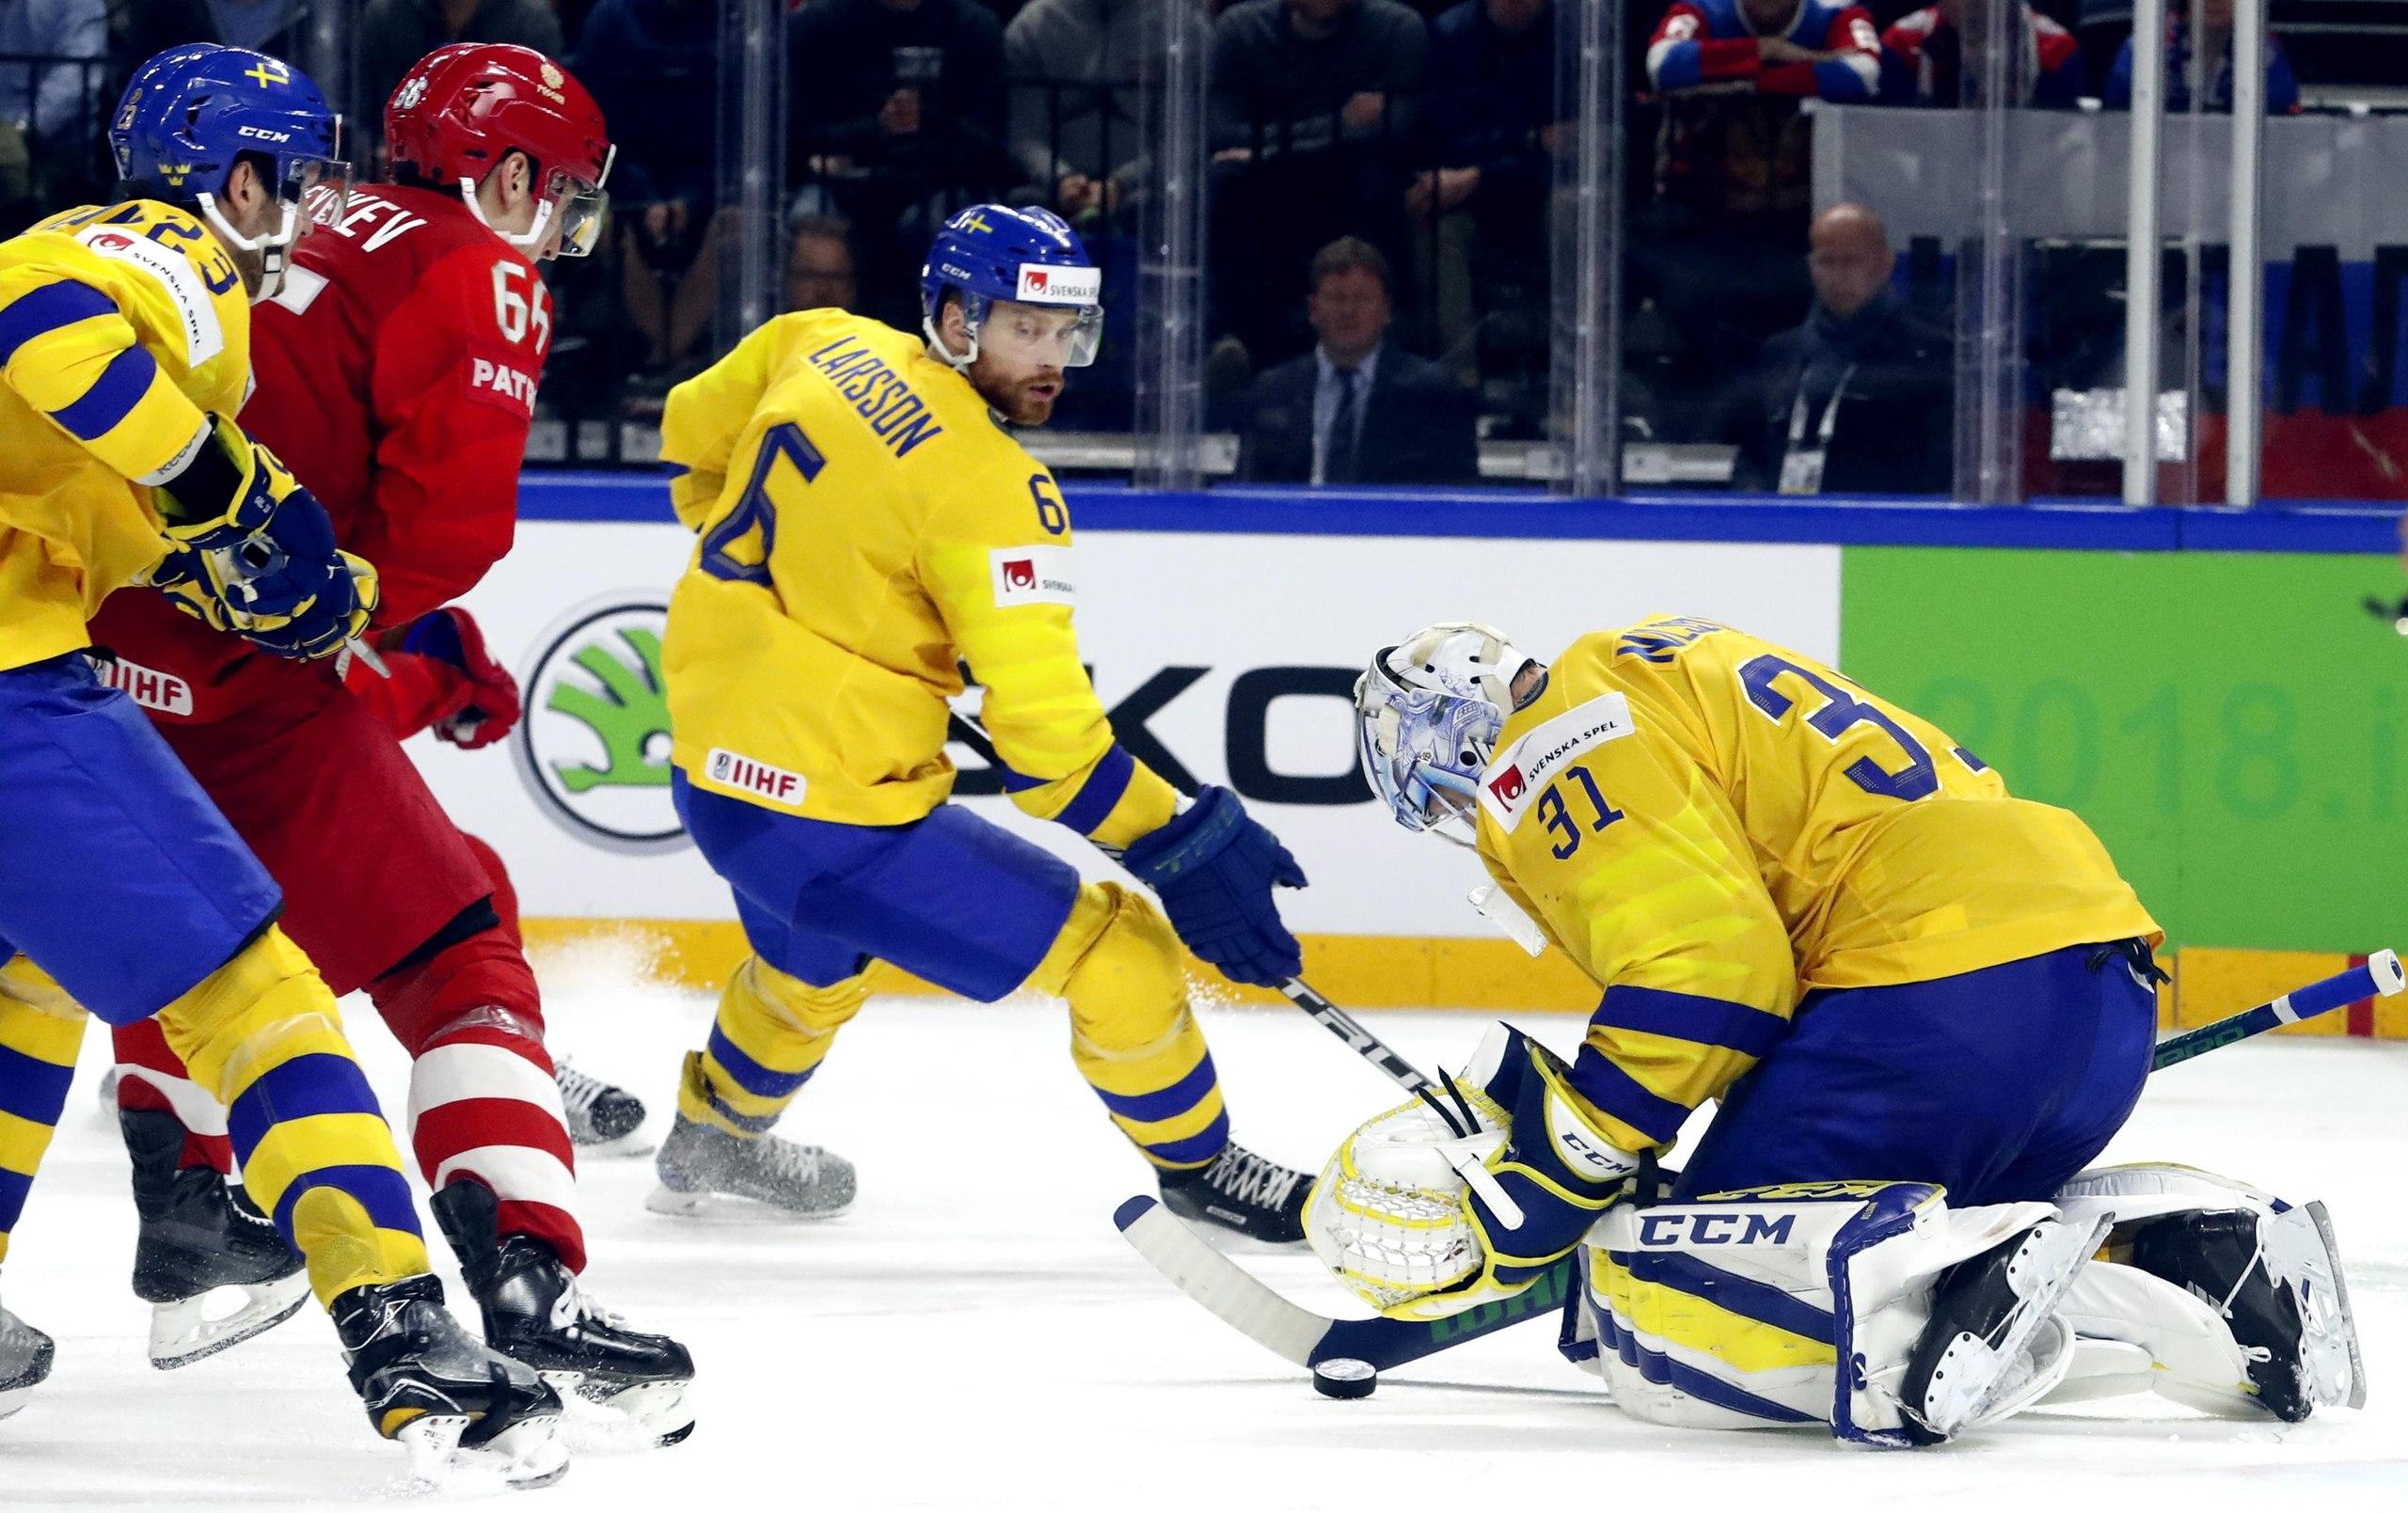 Завершился матч Россия — Швеция на ЧМ по хоккею в Дании